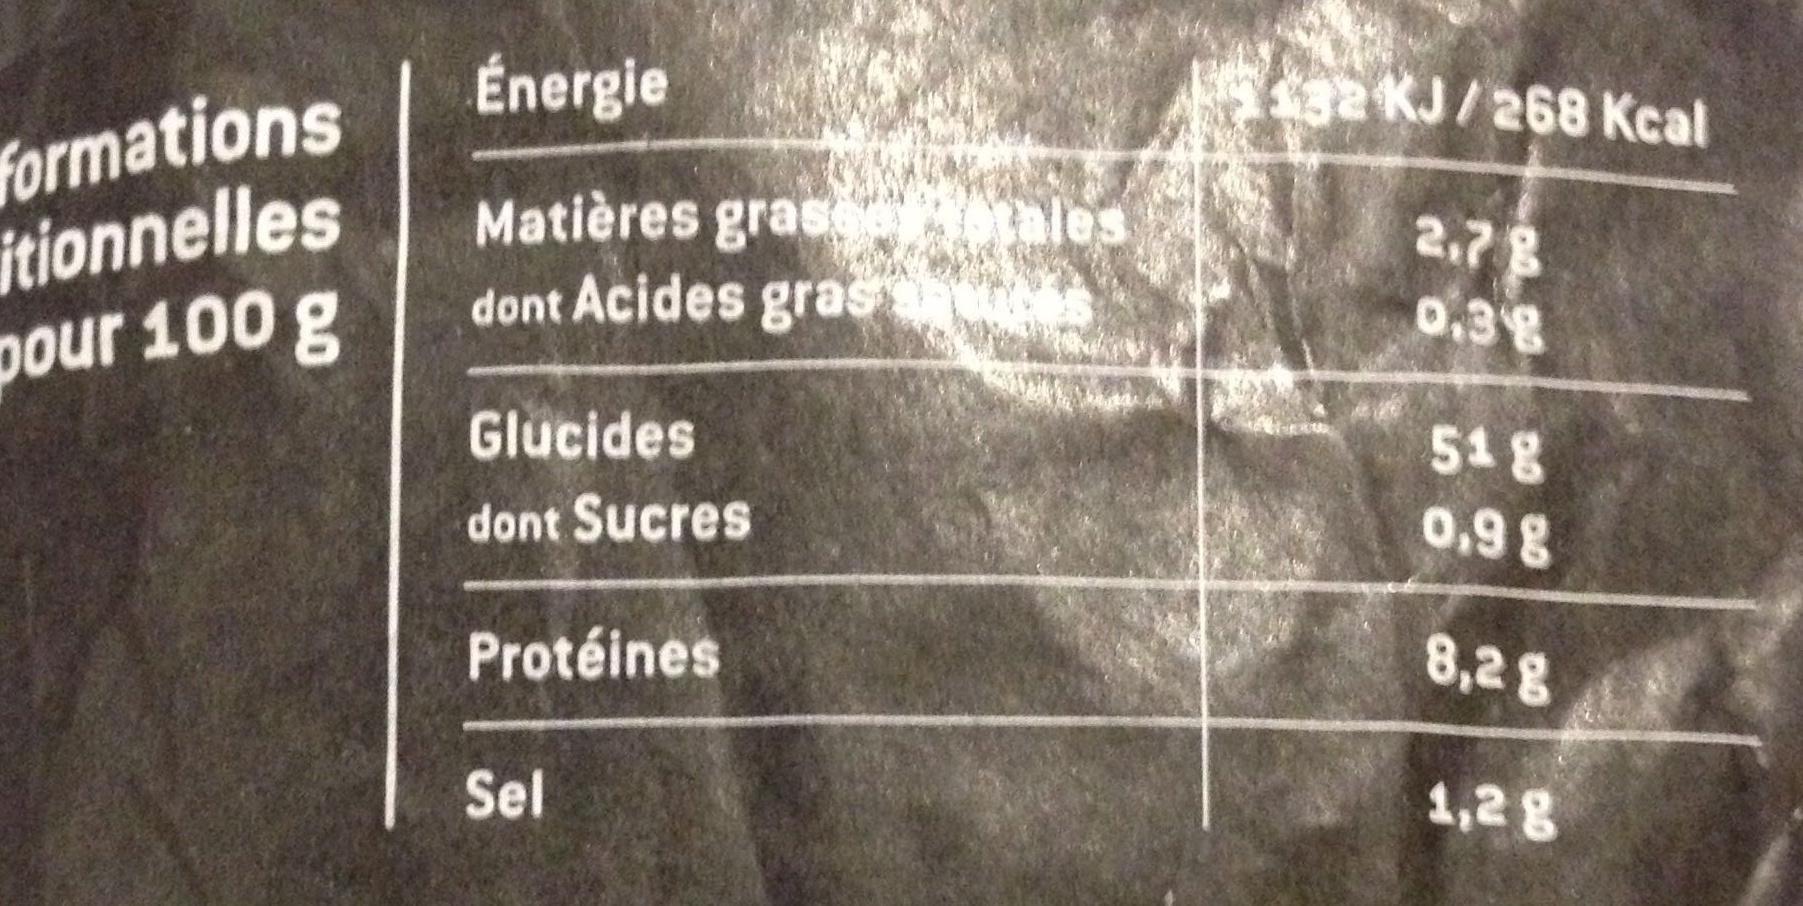 Baguette au pavot - Informations nutritionnelles - fr